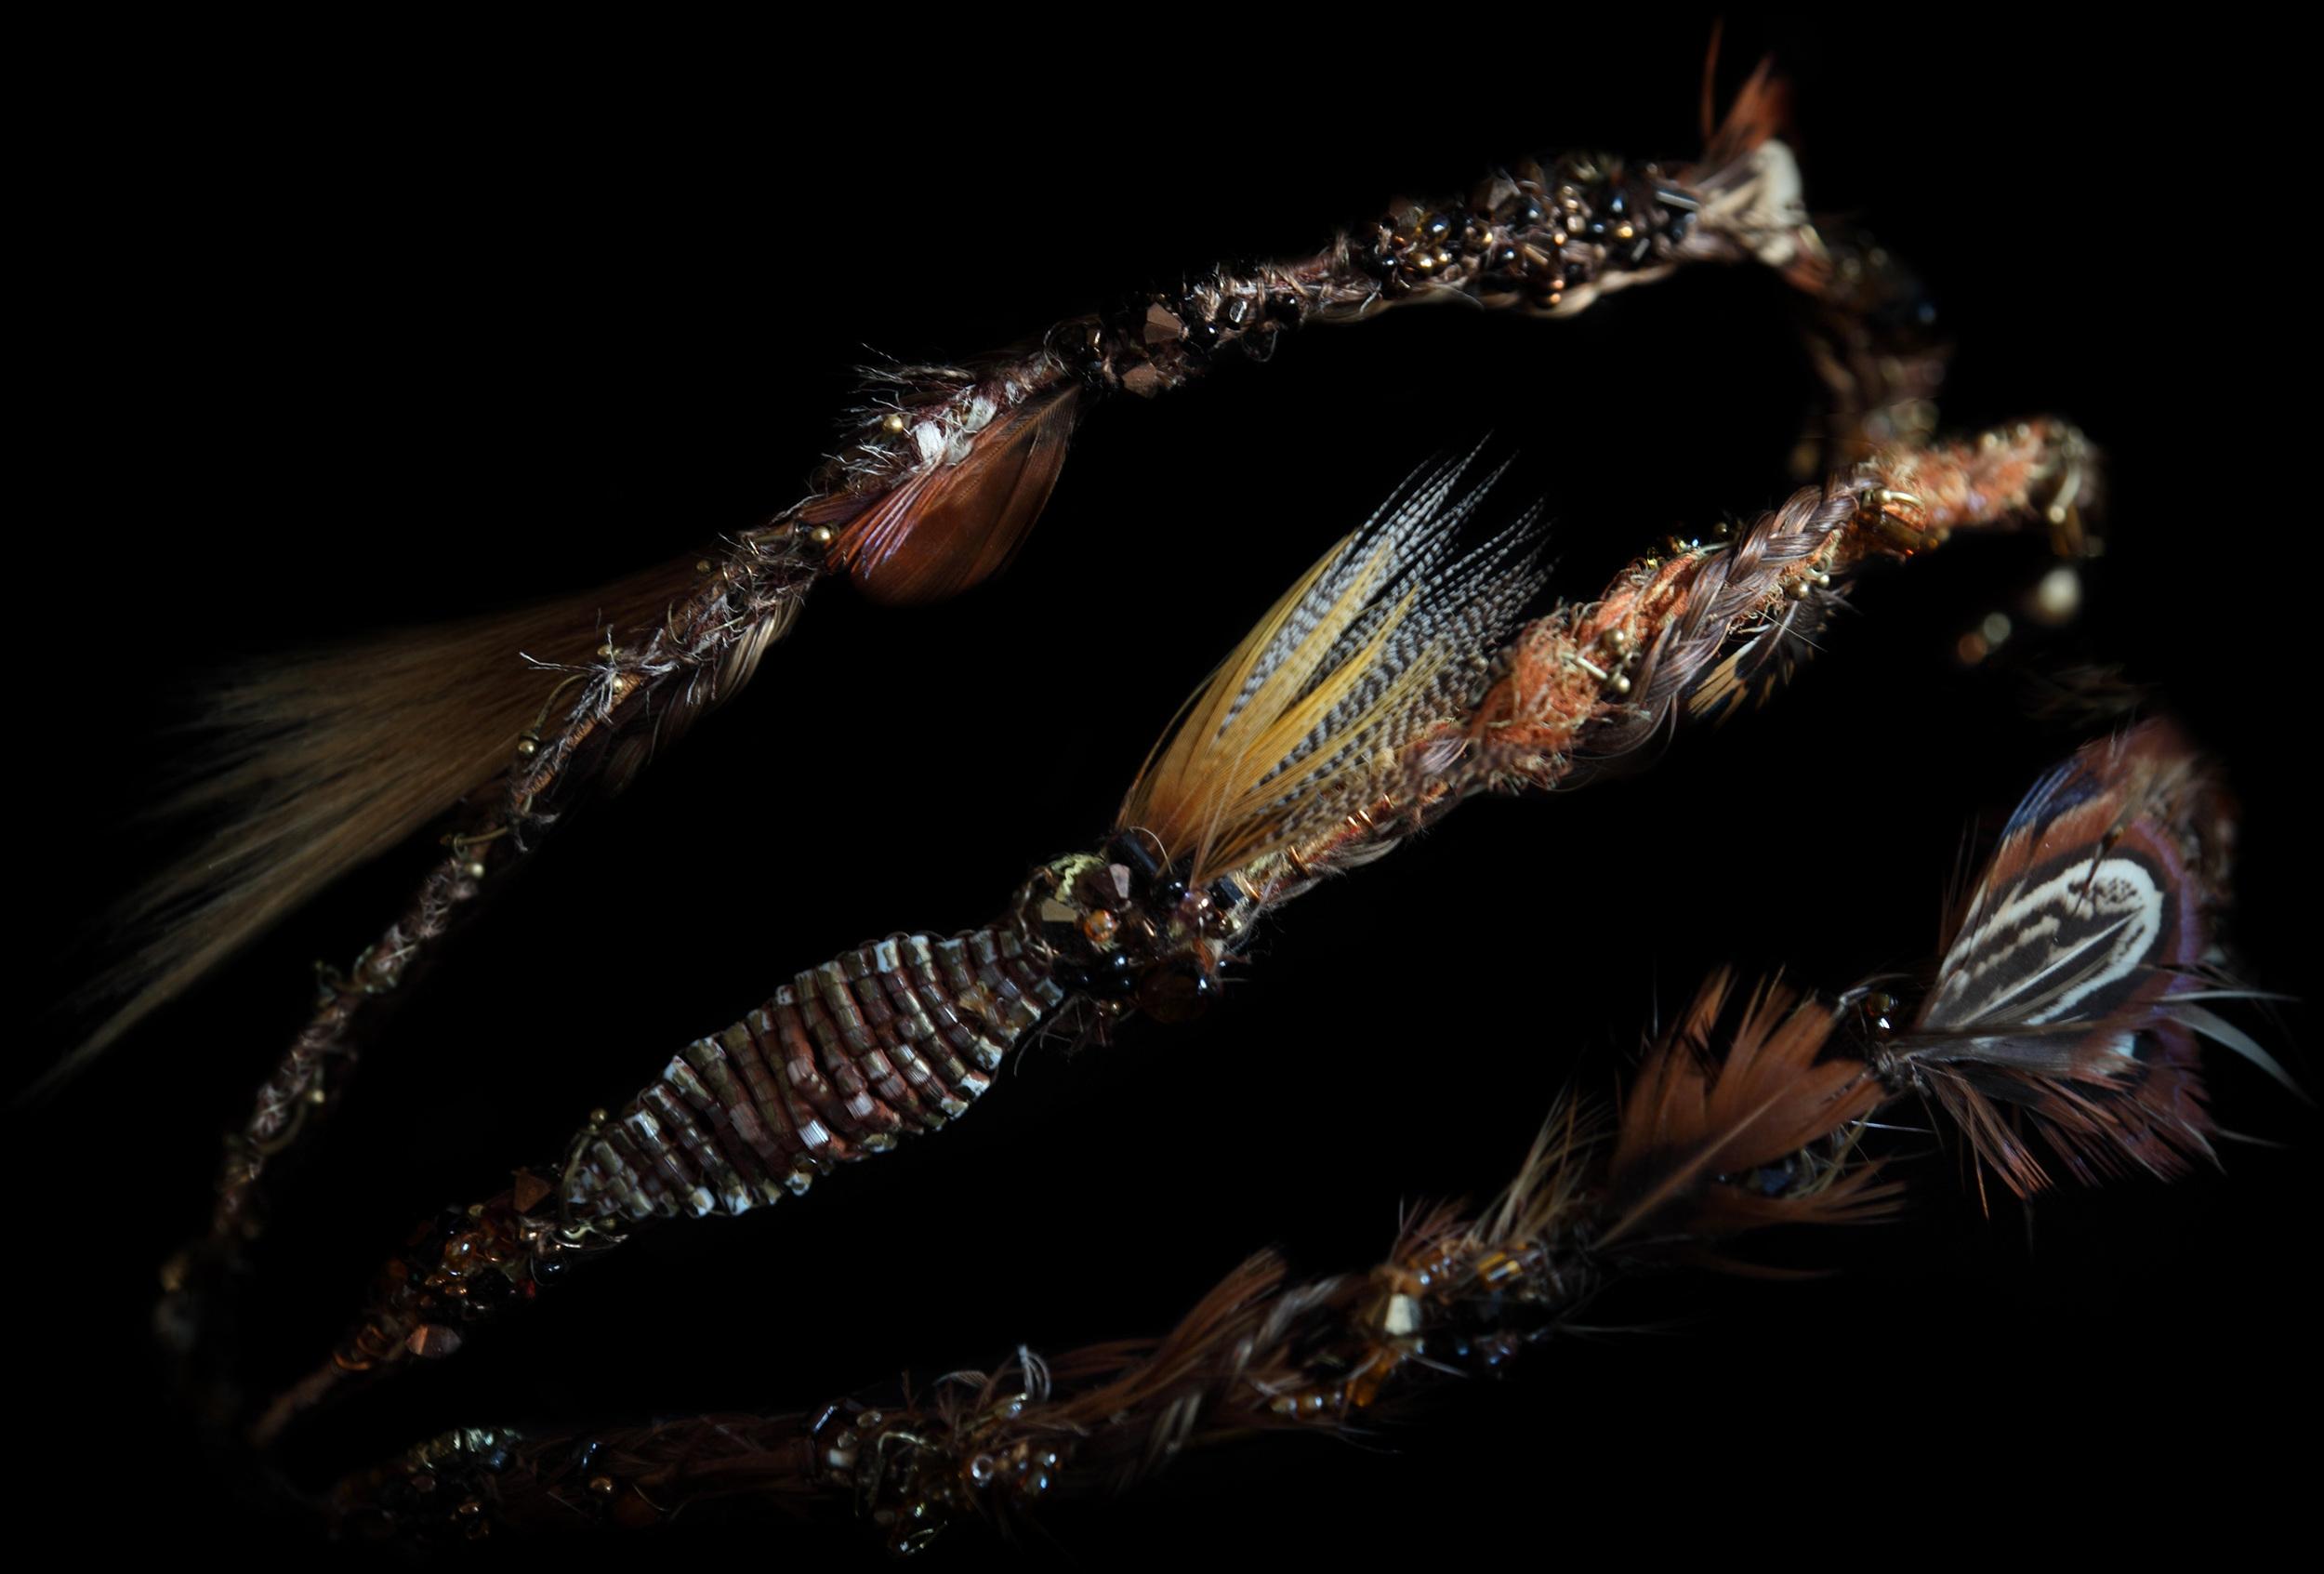 Réalisation serre-tête 3 branches brodés de perles et plumes.